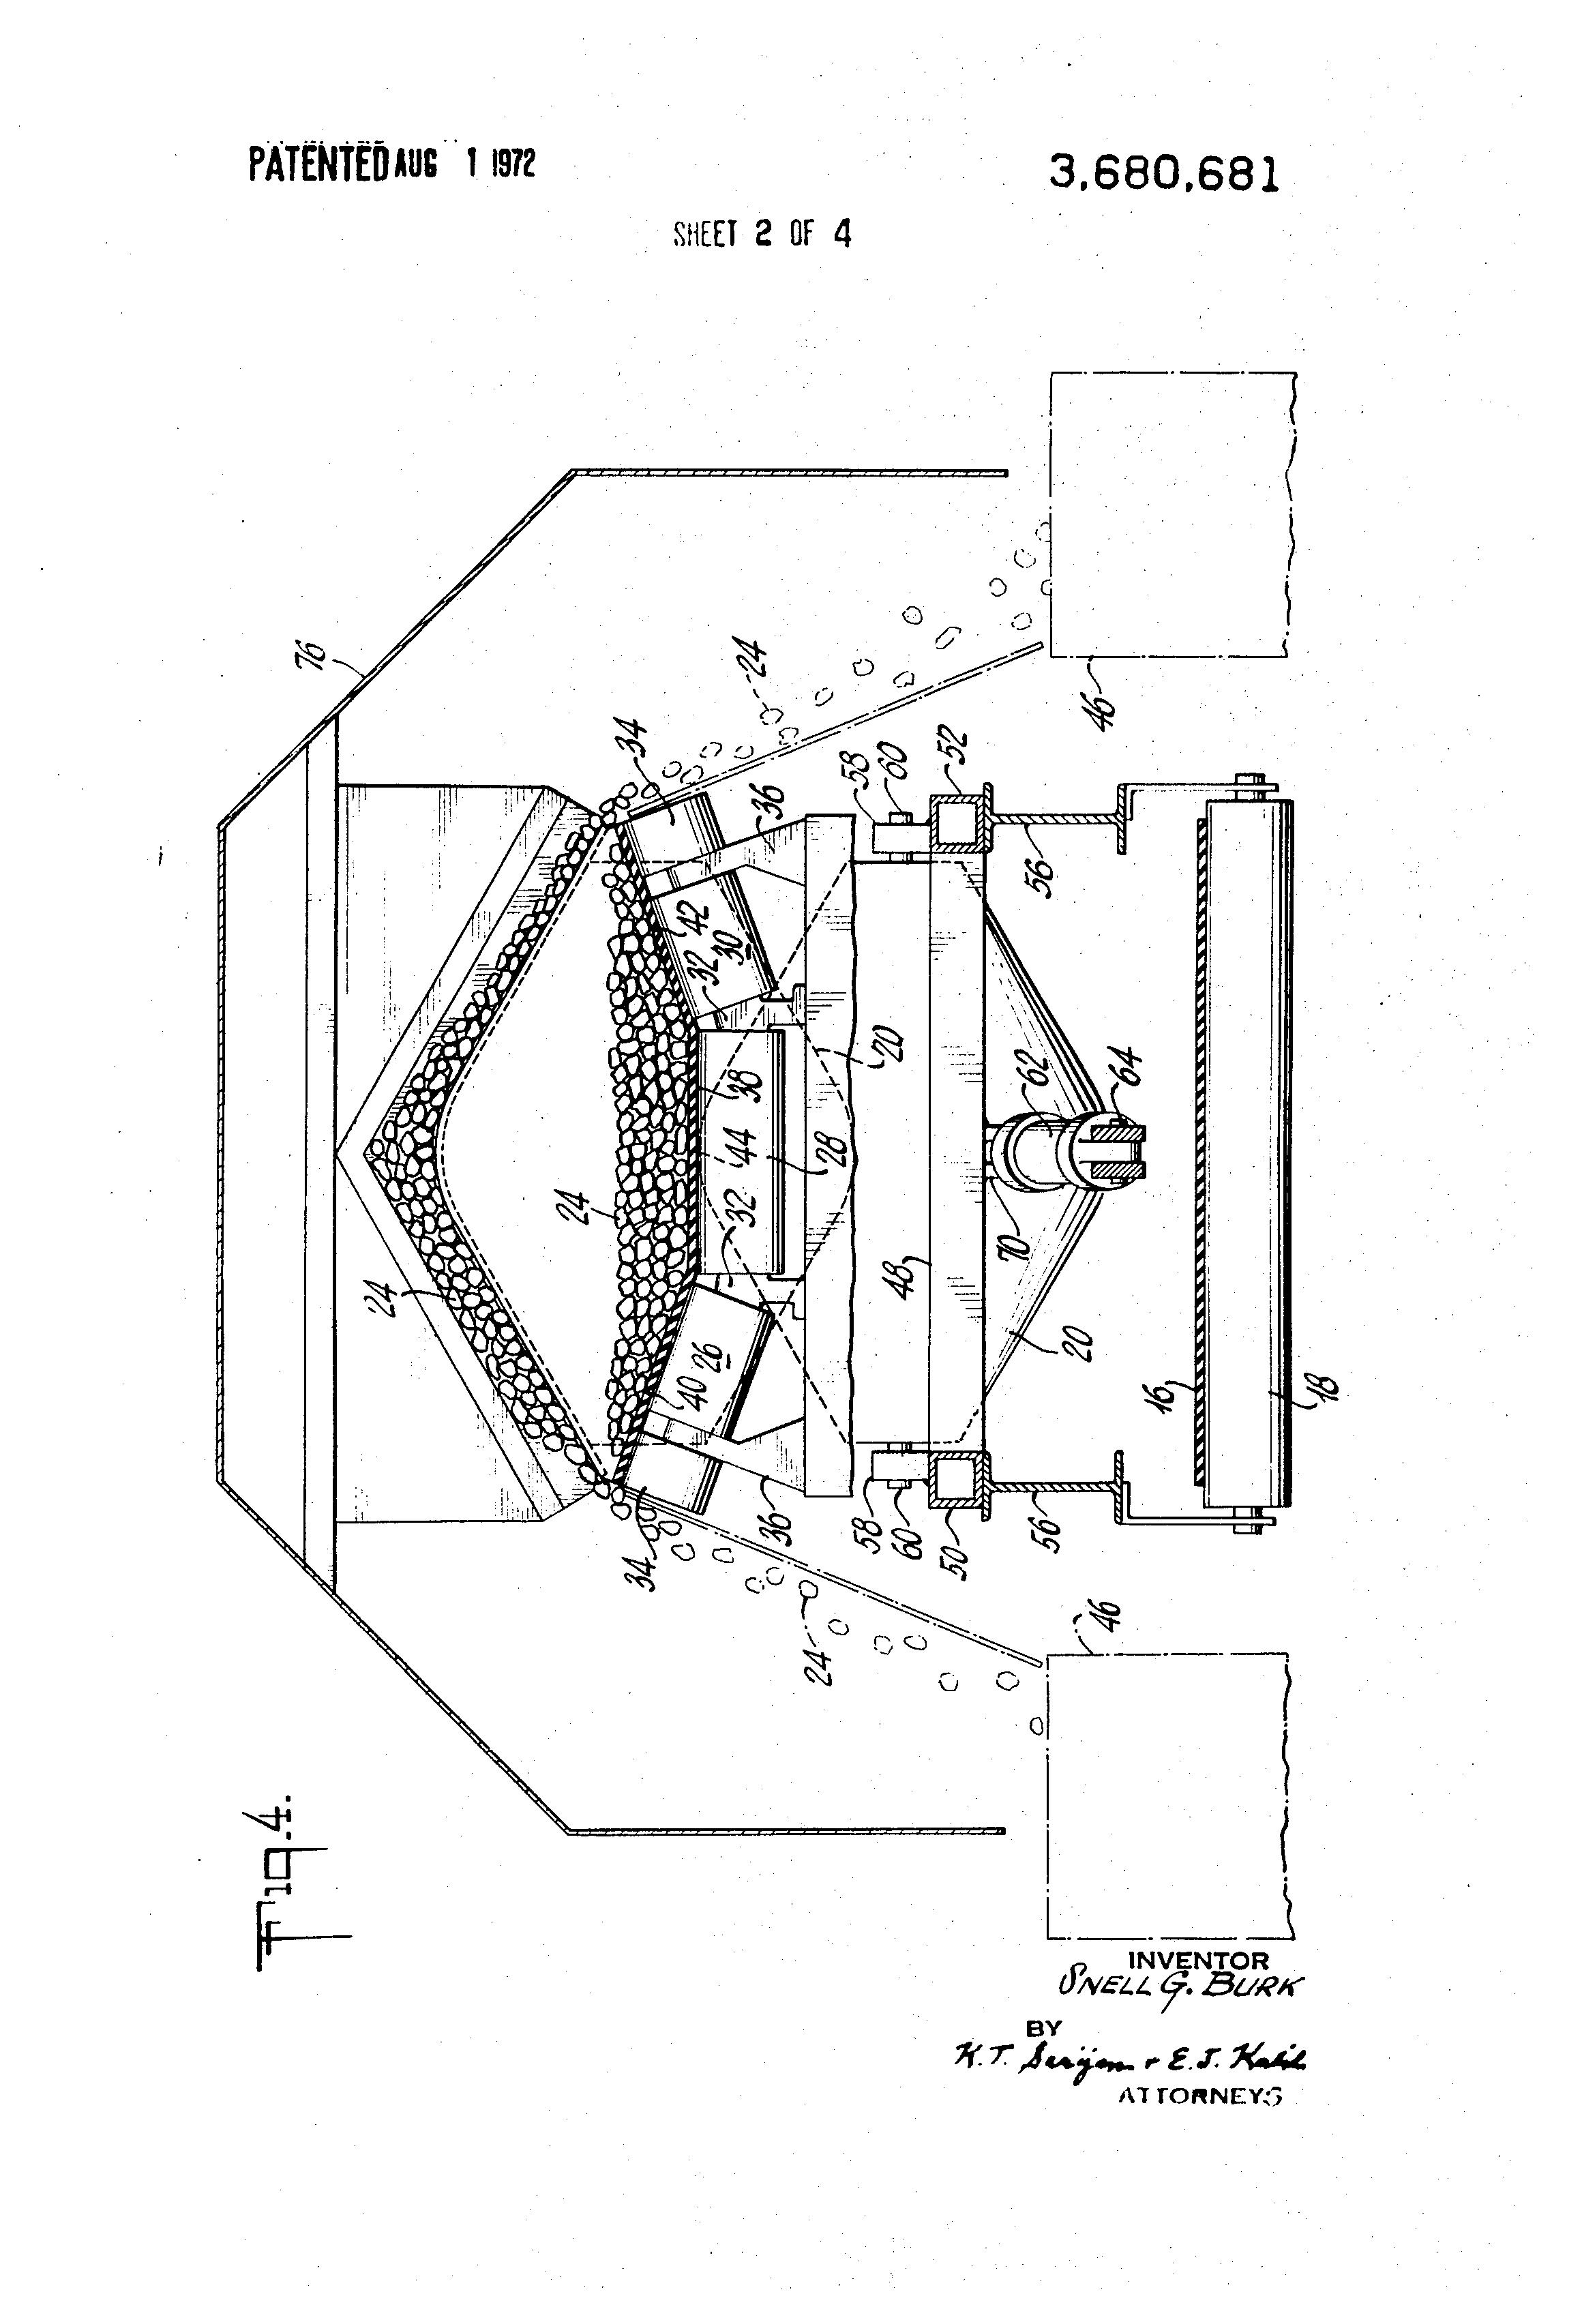 Wiring Diagram For Craftsman Radial Arm Saw Wiring